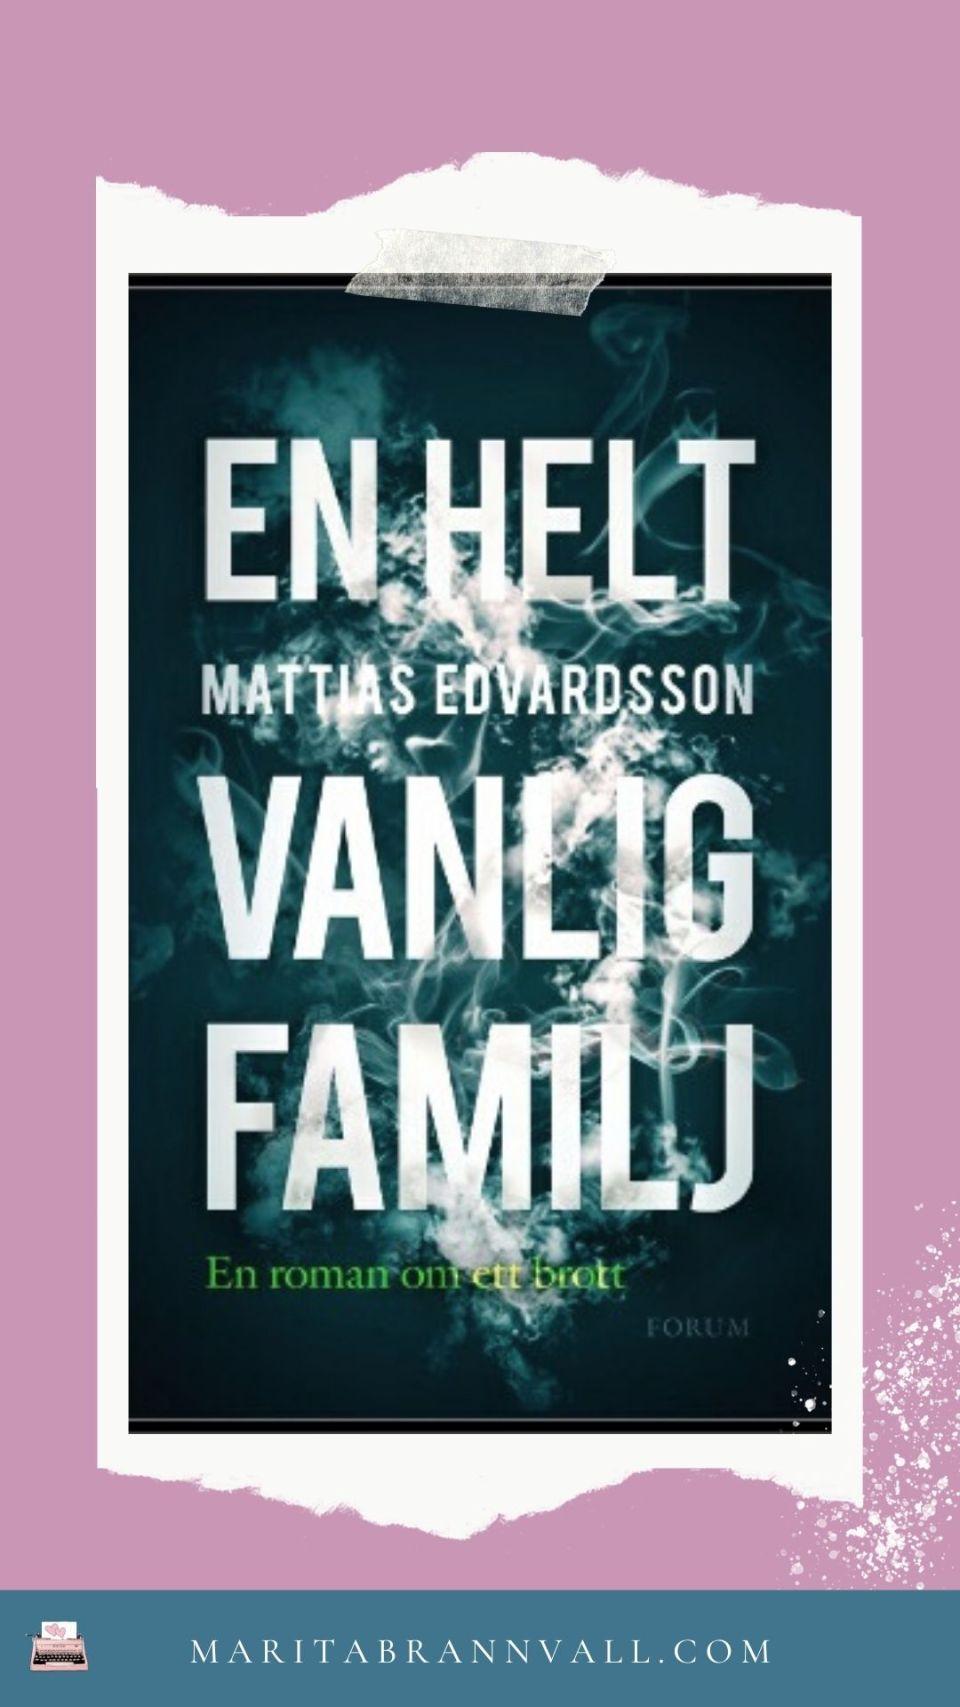 En helt vanlig familj av Mattias Edvardsson - Marita Brännvall